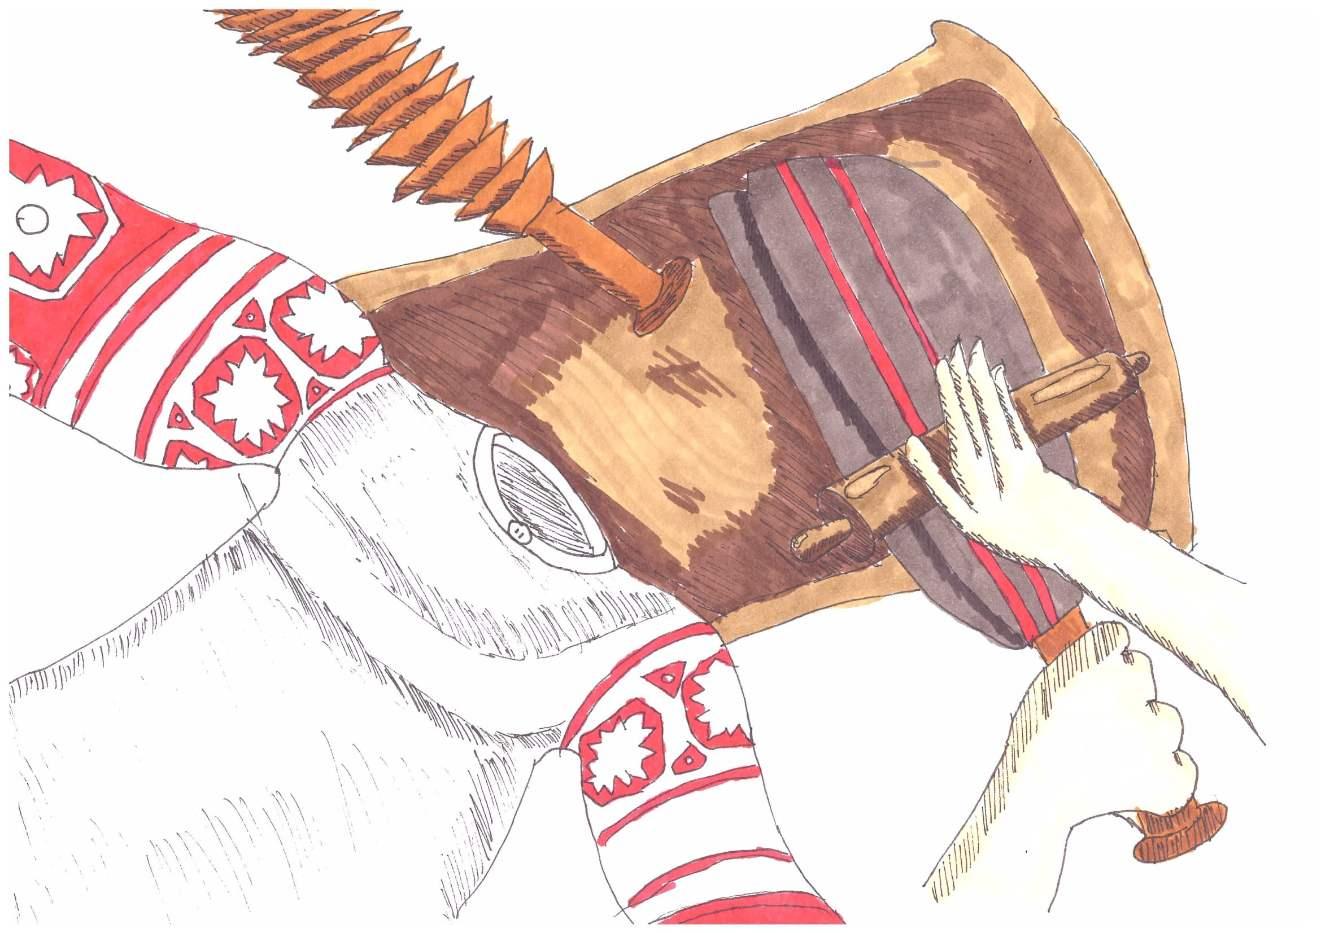 Иллюстрация к аудиогиду